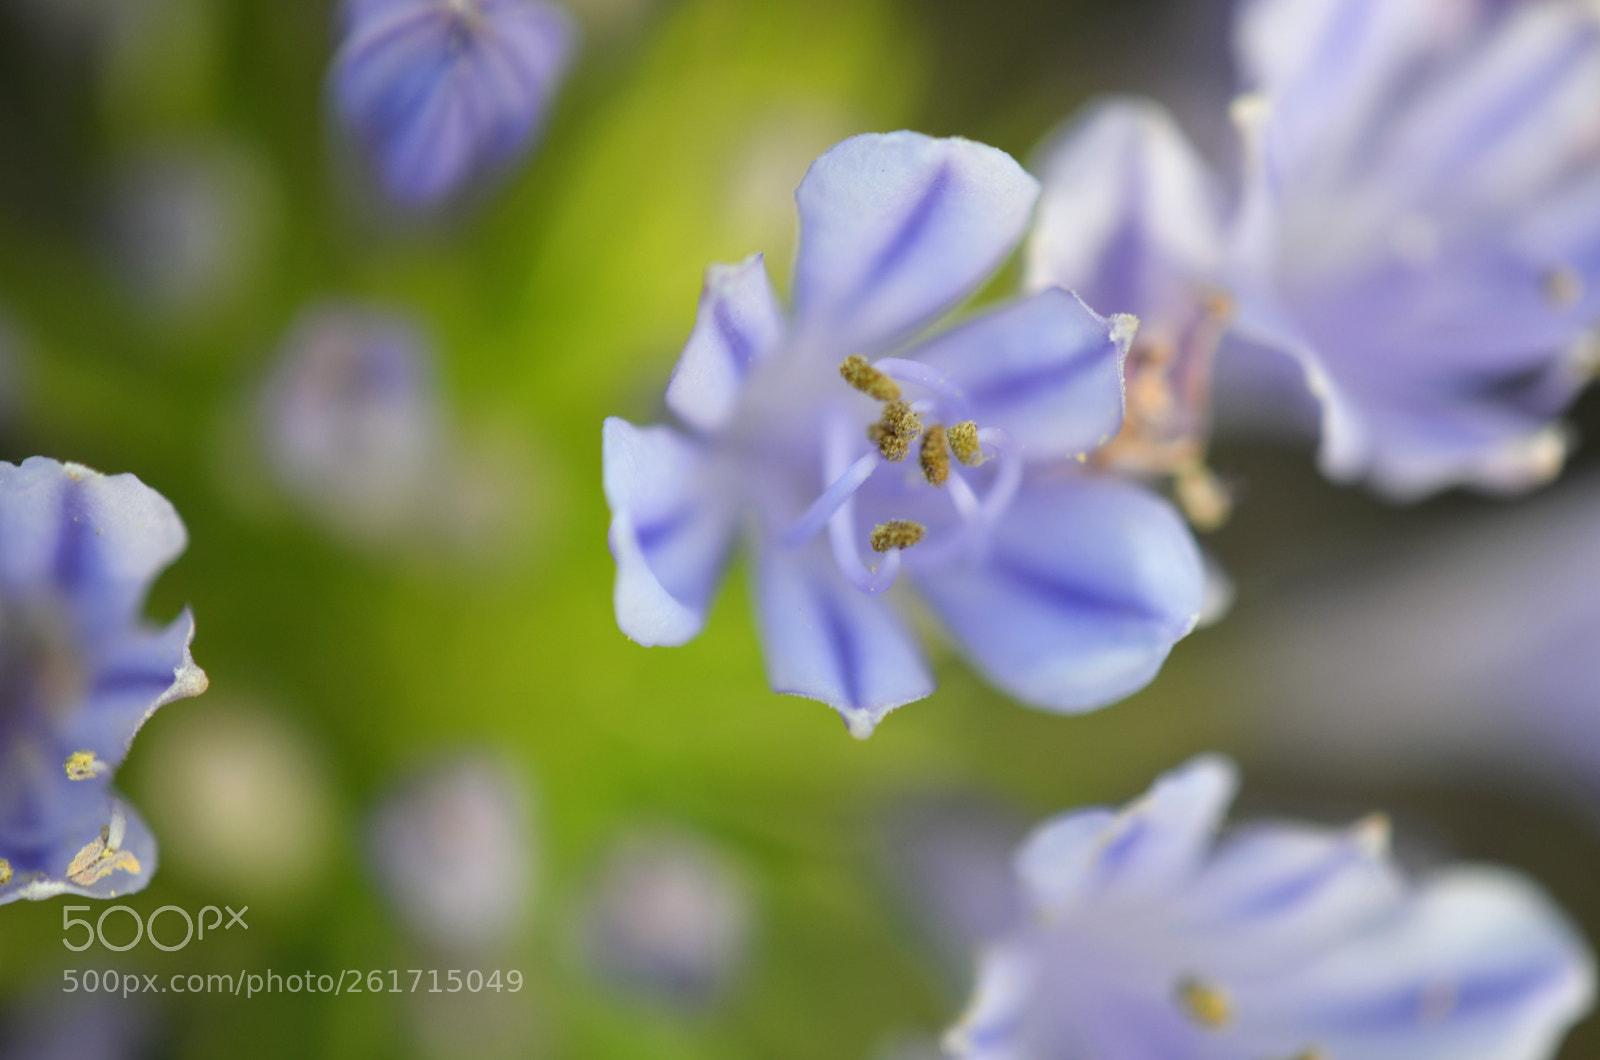 Flower bunch, Nikon D5100, AF-S DX Micro Nikkor 85mm f/3.5G ED VR